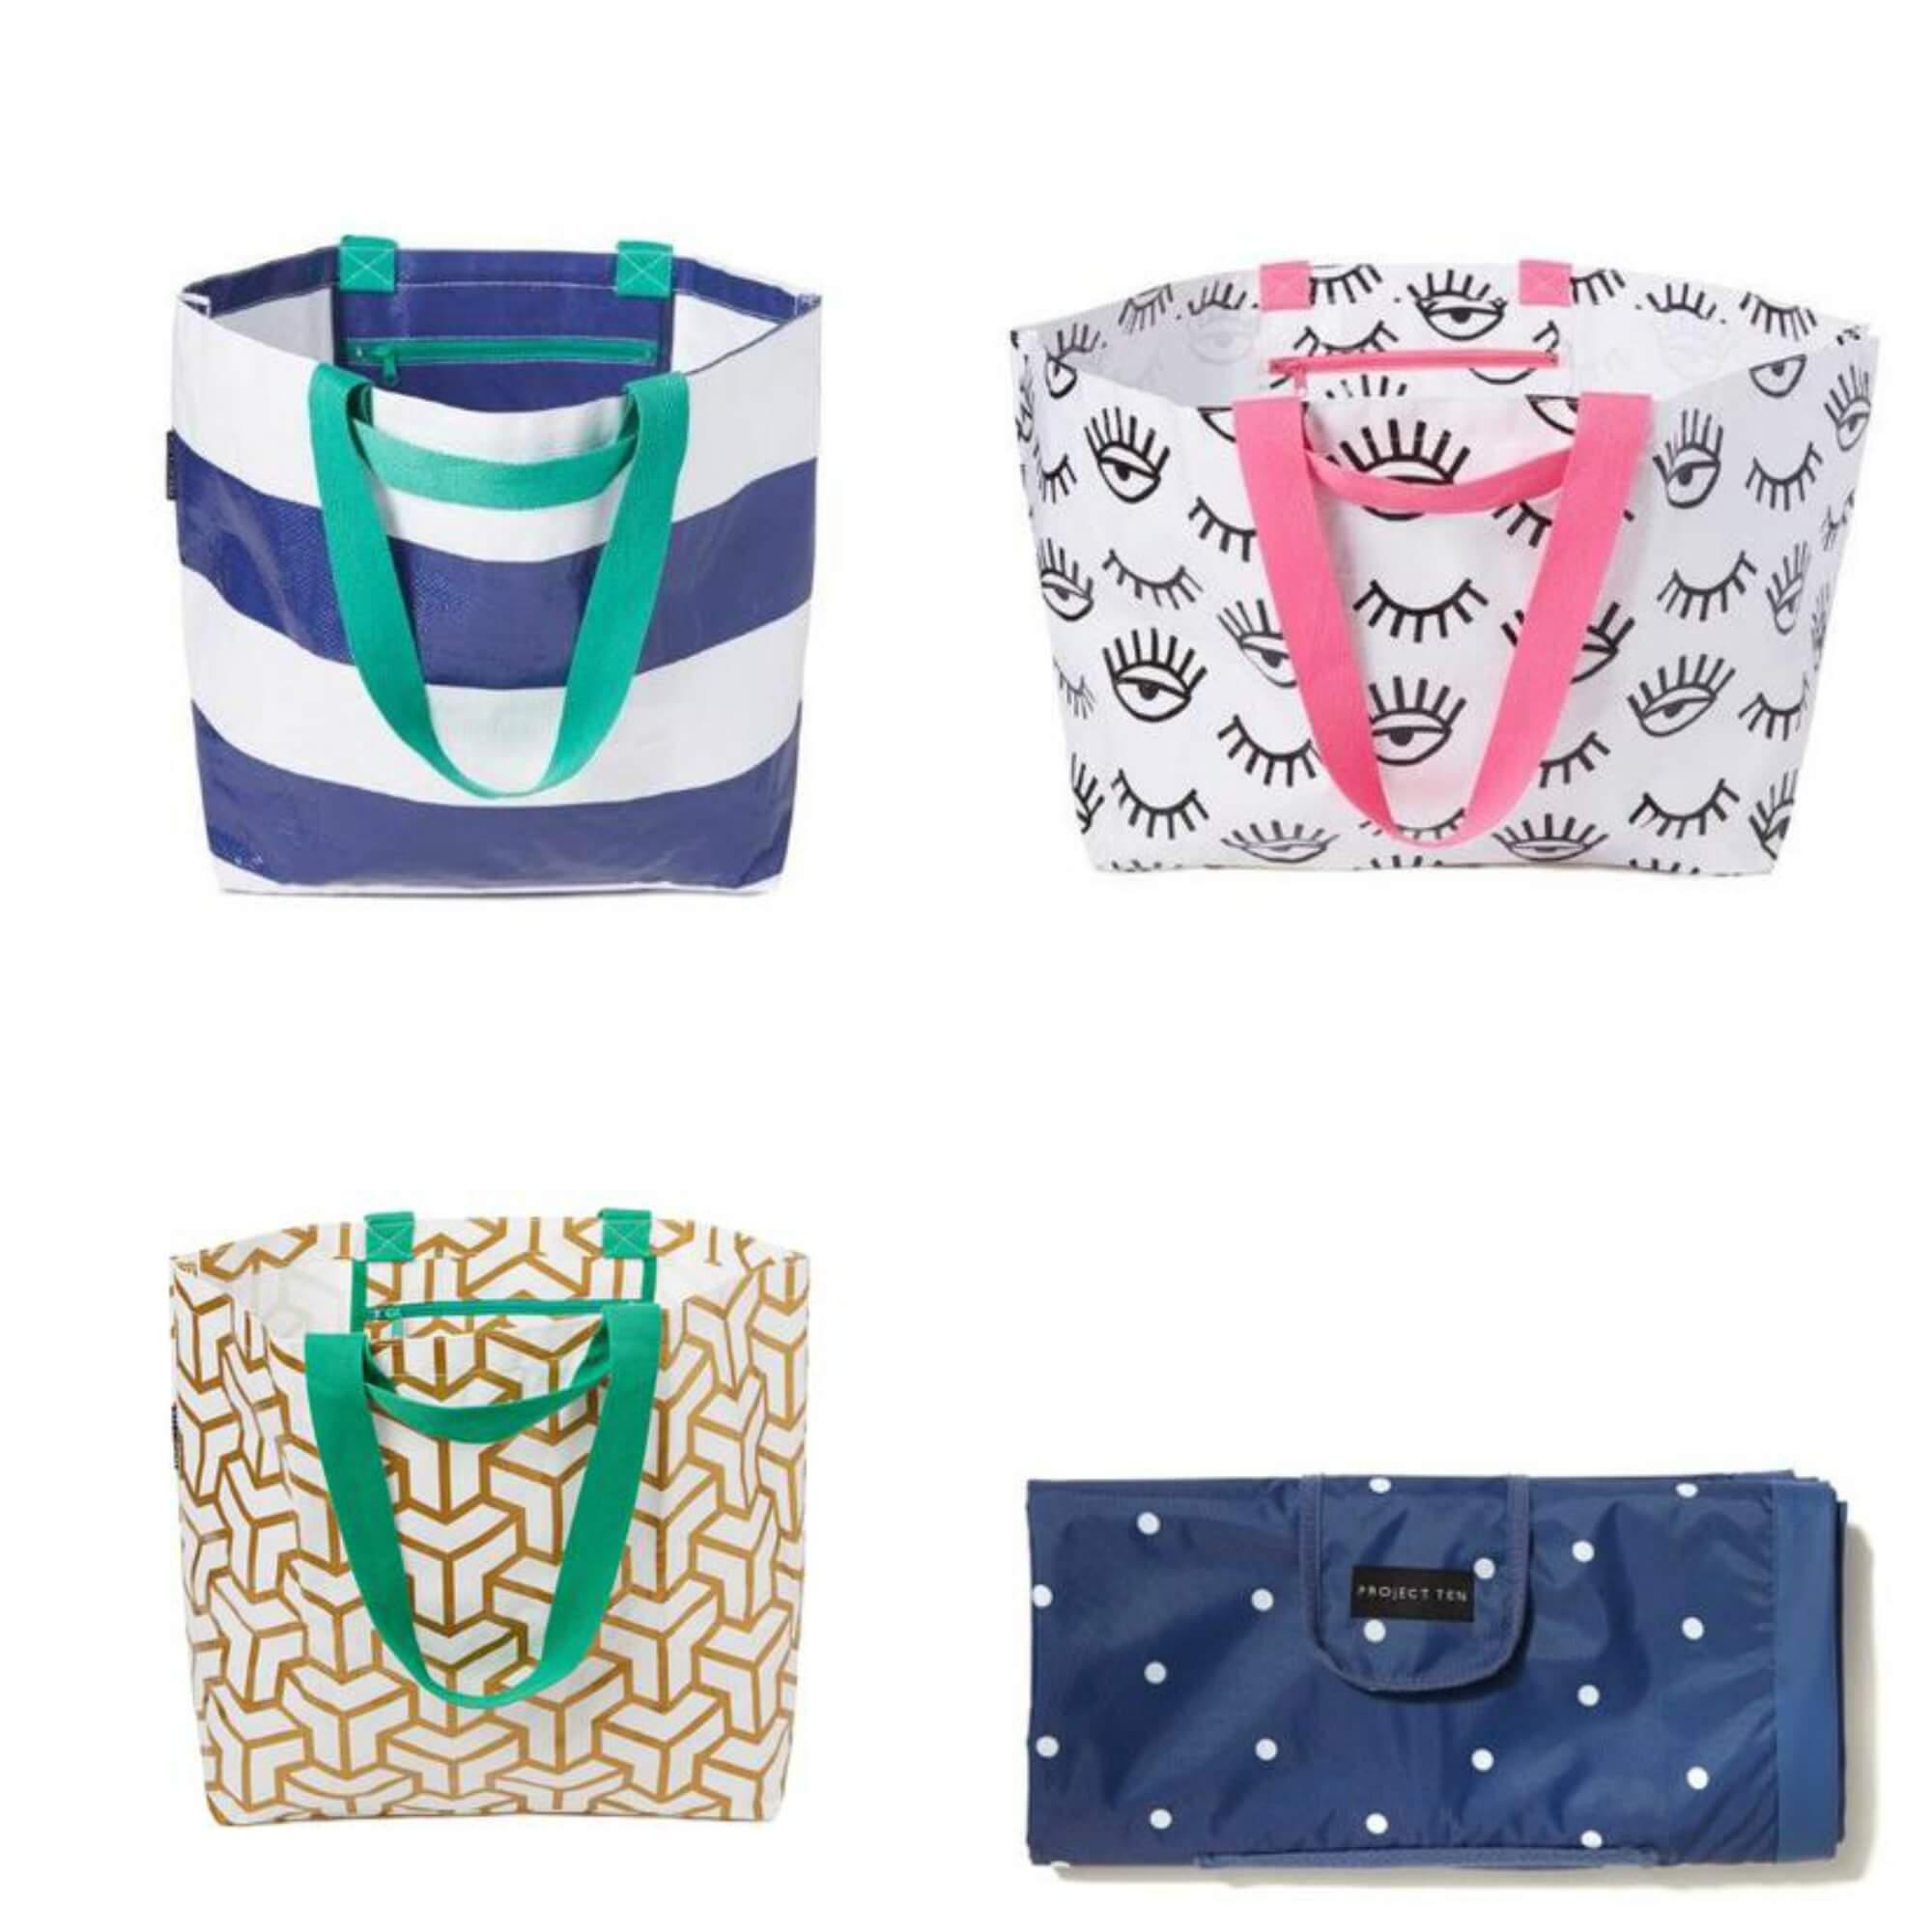 Summer essentials project TEN